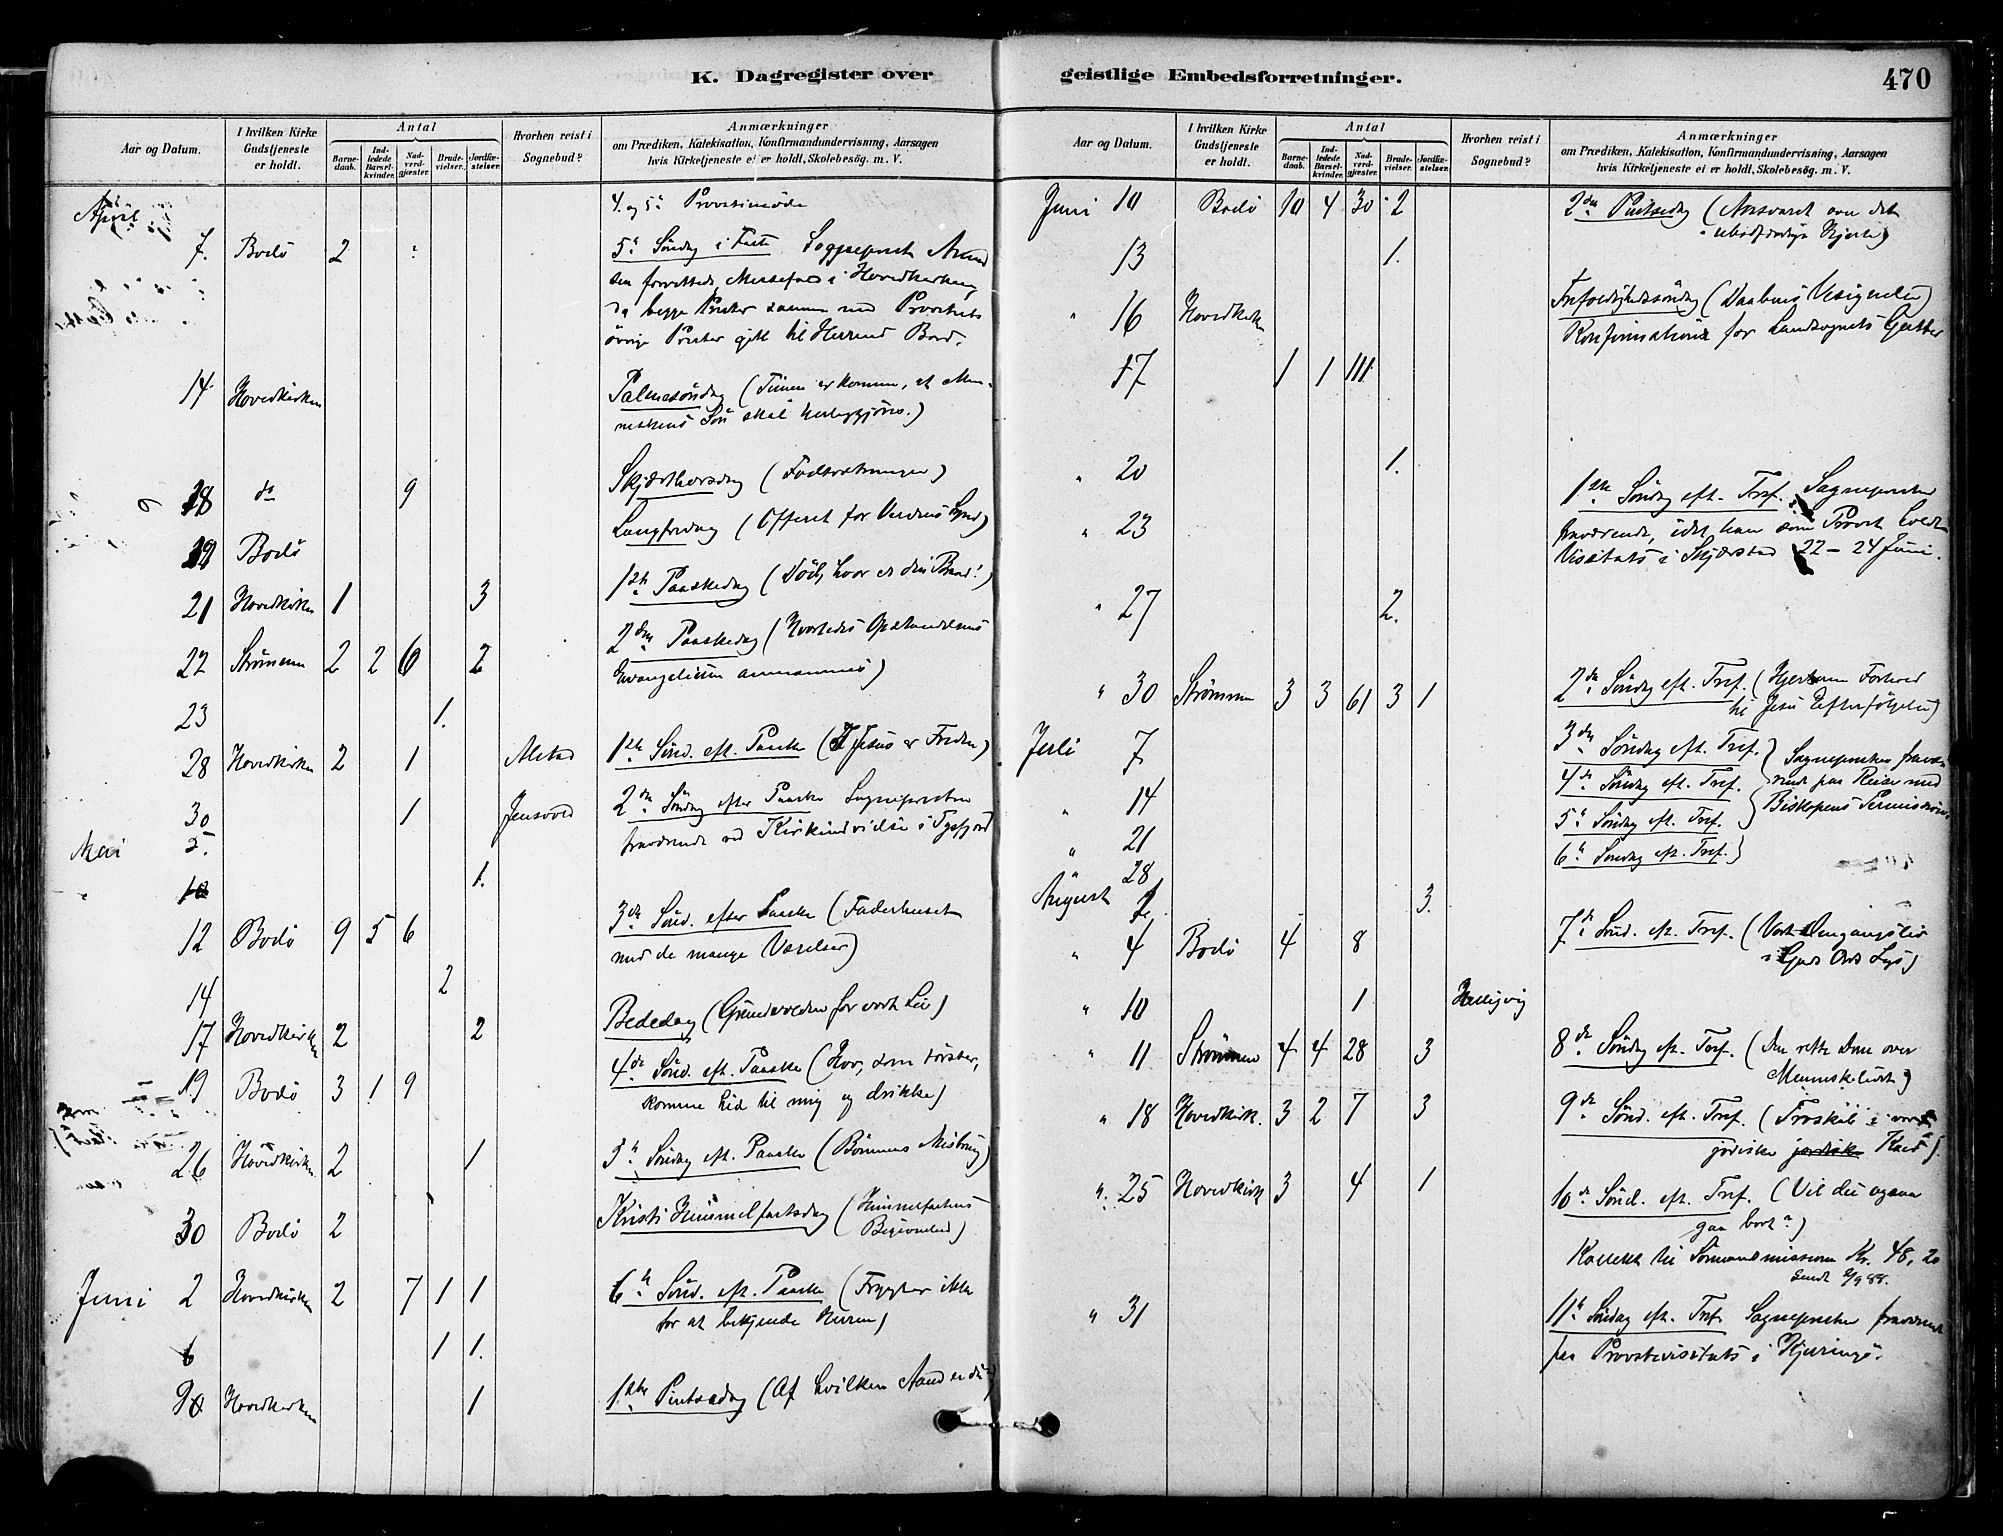 SAT, Ministerialprotokoller, klokkerbøker og fødselsregistre - Nordland, 802/L0054: Parish register (official) no. 802A01, 1879-1893, p. 470